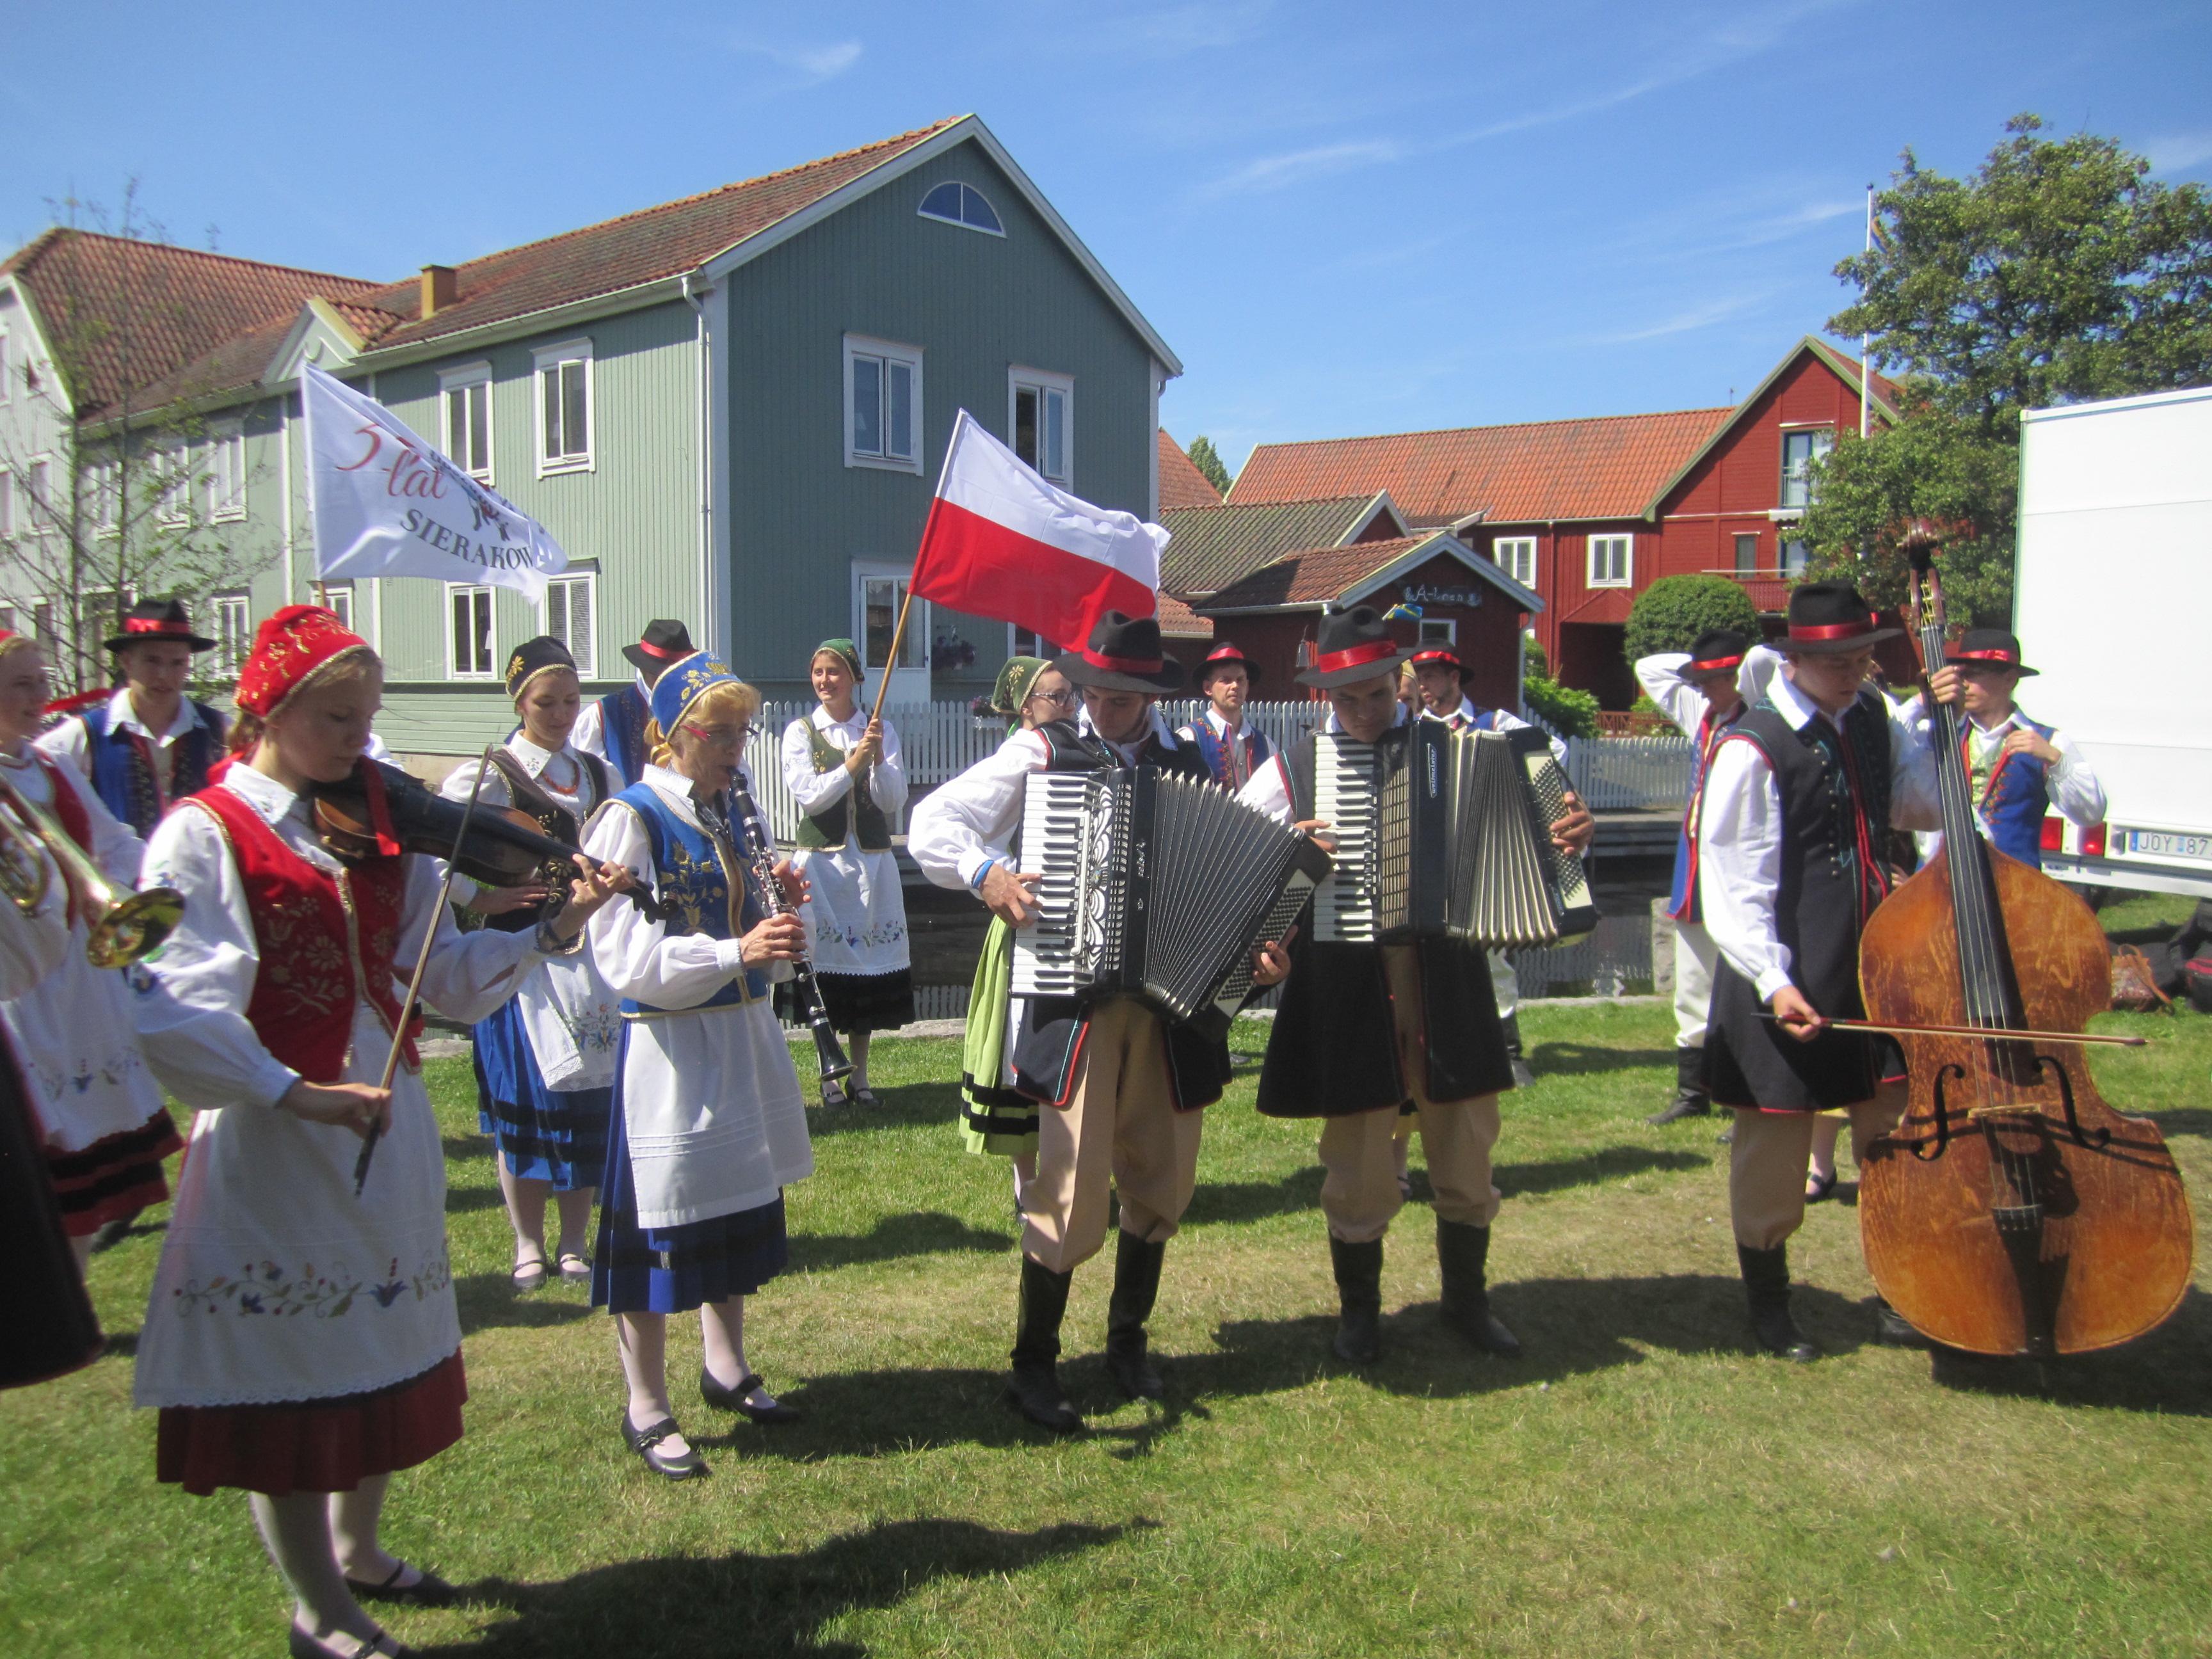 Folkdans-och musikgruppen Sierakowice i Blekinge.